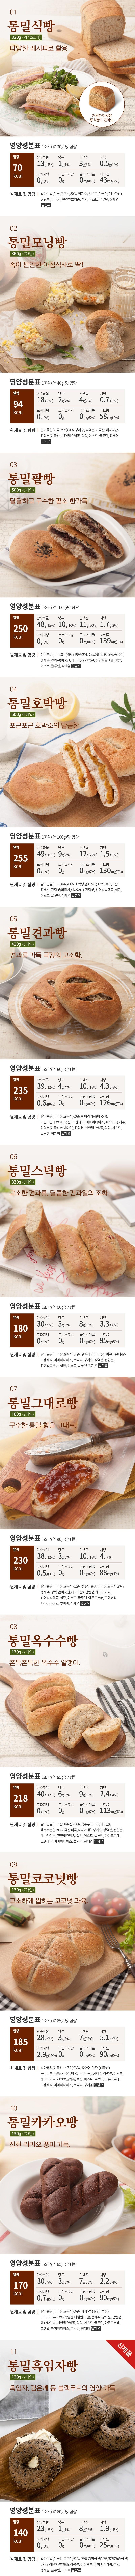 통밀당 흑임자빵 체험단 모집 (05.15~05.26)